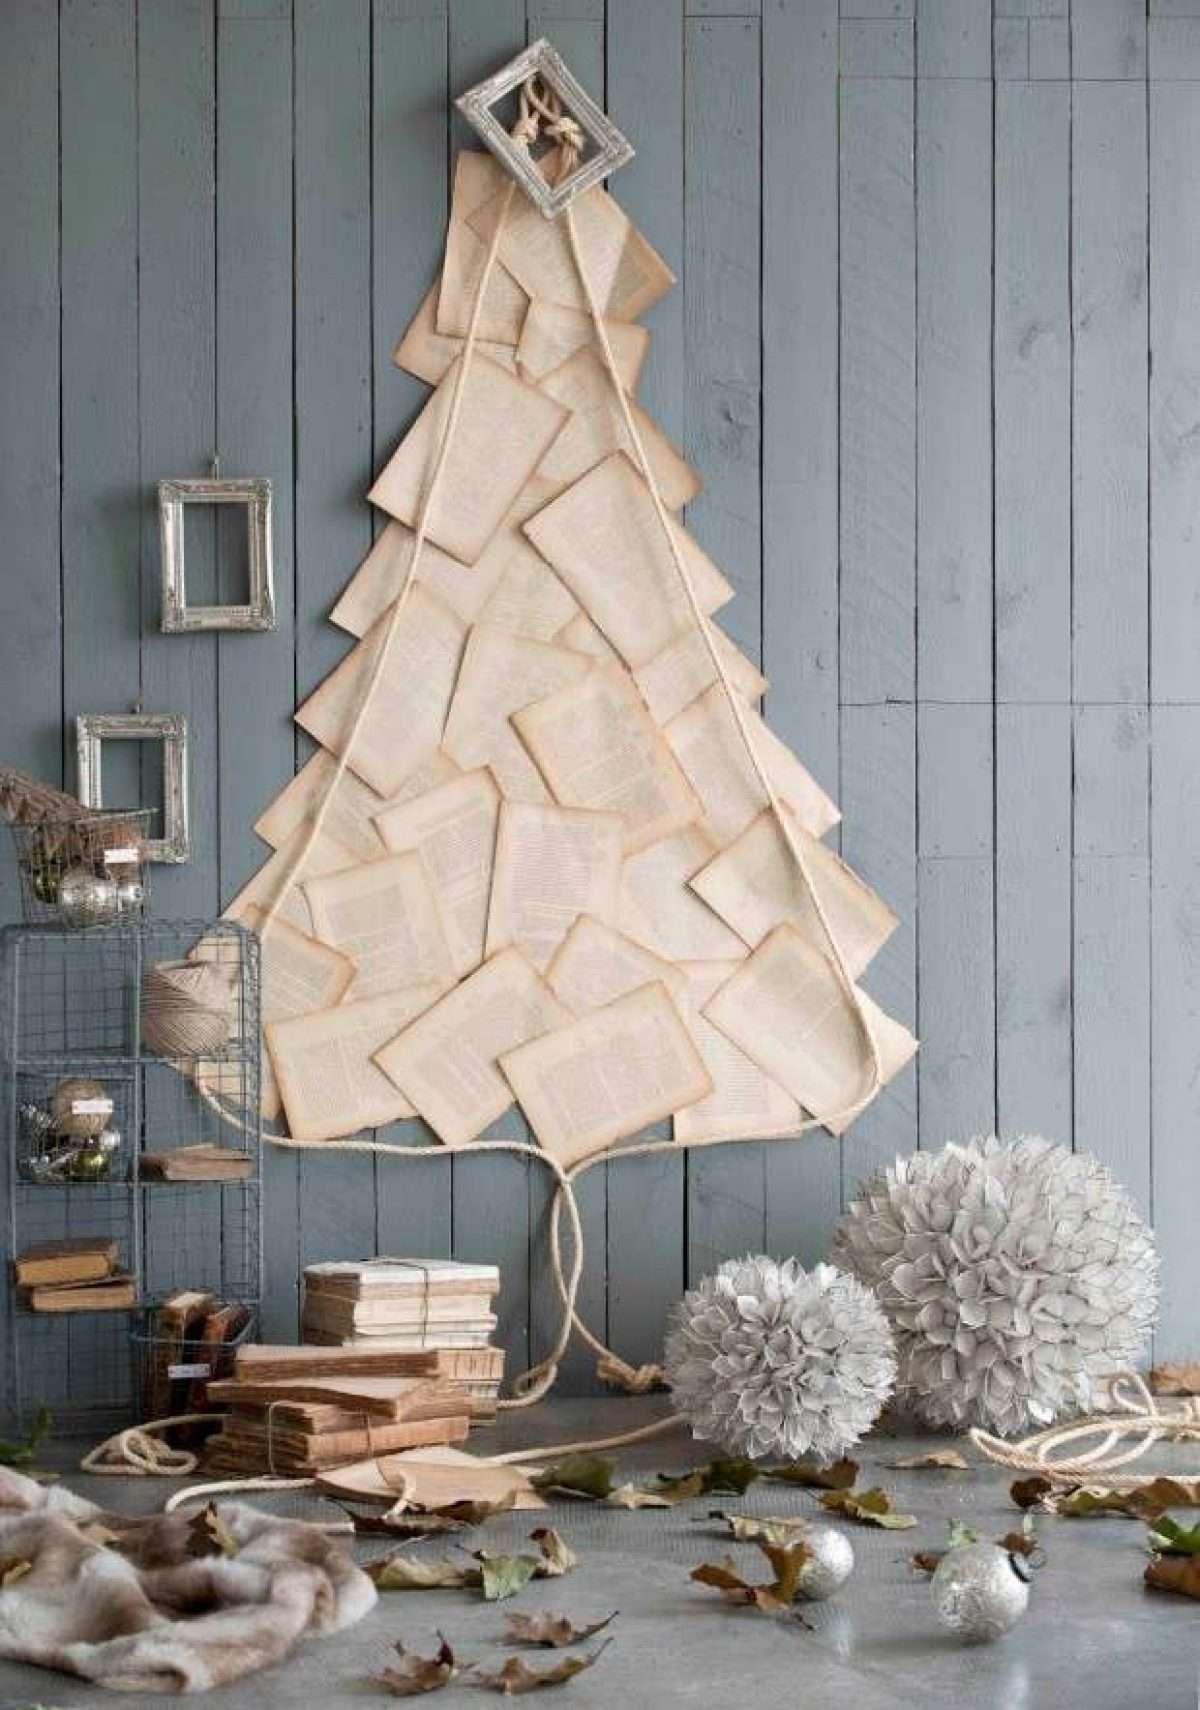 Árboles de Navidad originales y caseros para decorar tu casa 4